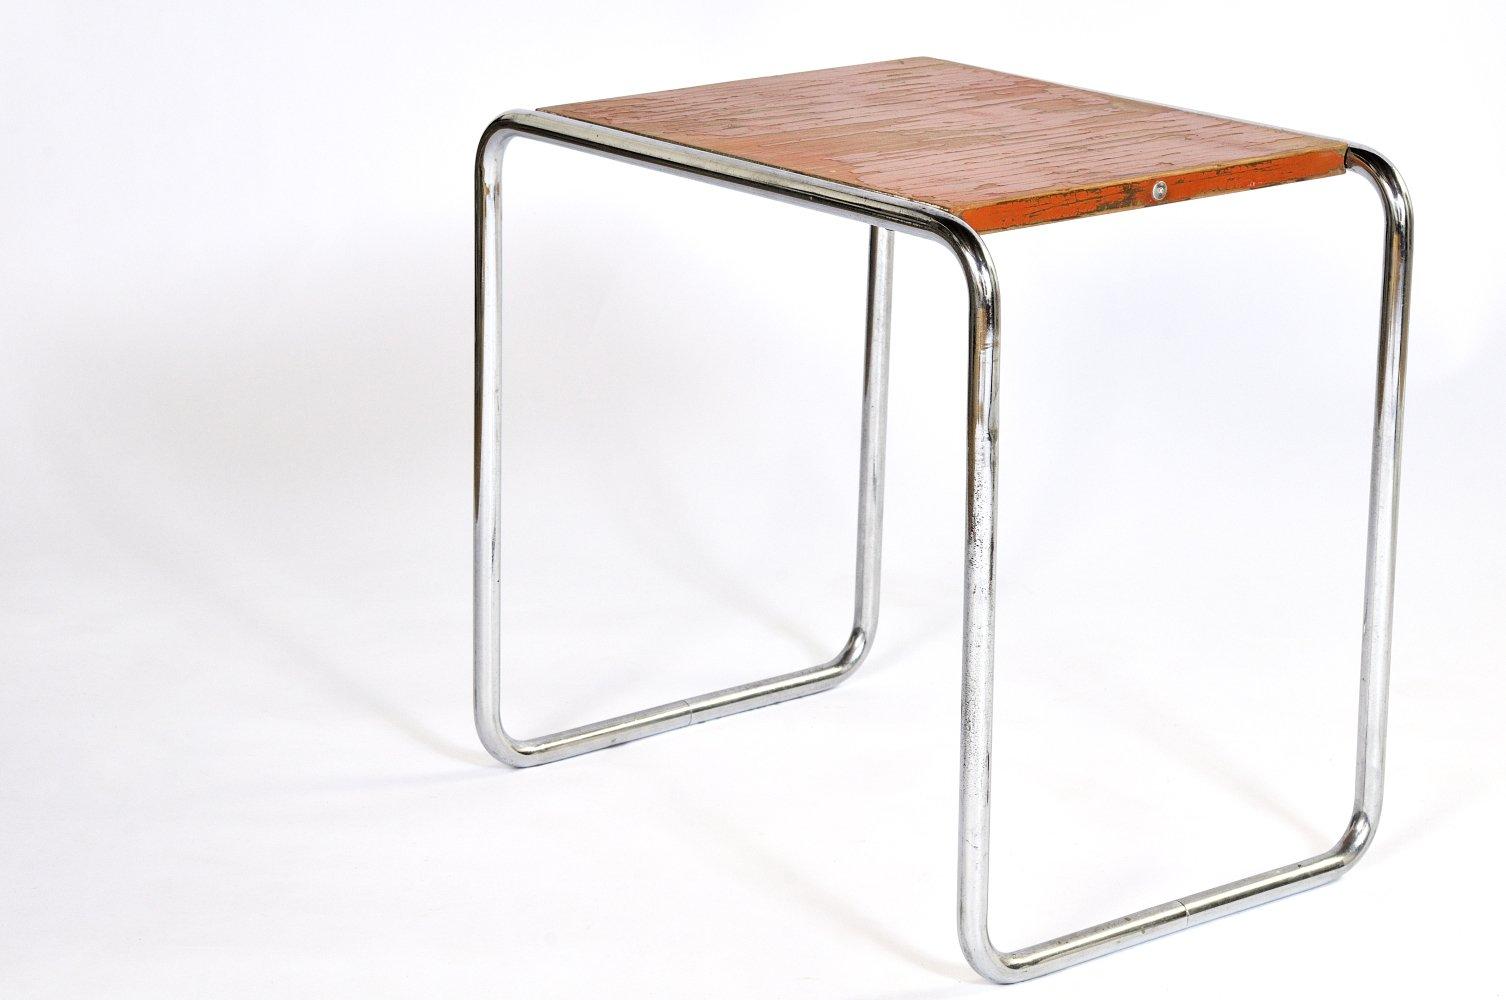 Marcel Breuer Tubular Chair - Vintage b9 orange tubular nesting table by marcel breuer for thonet